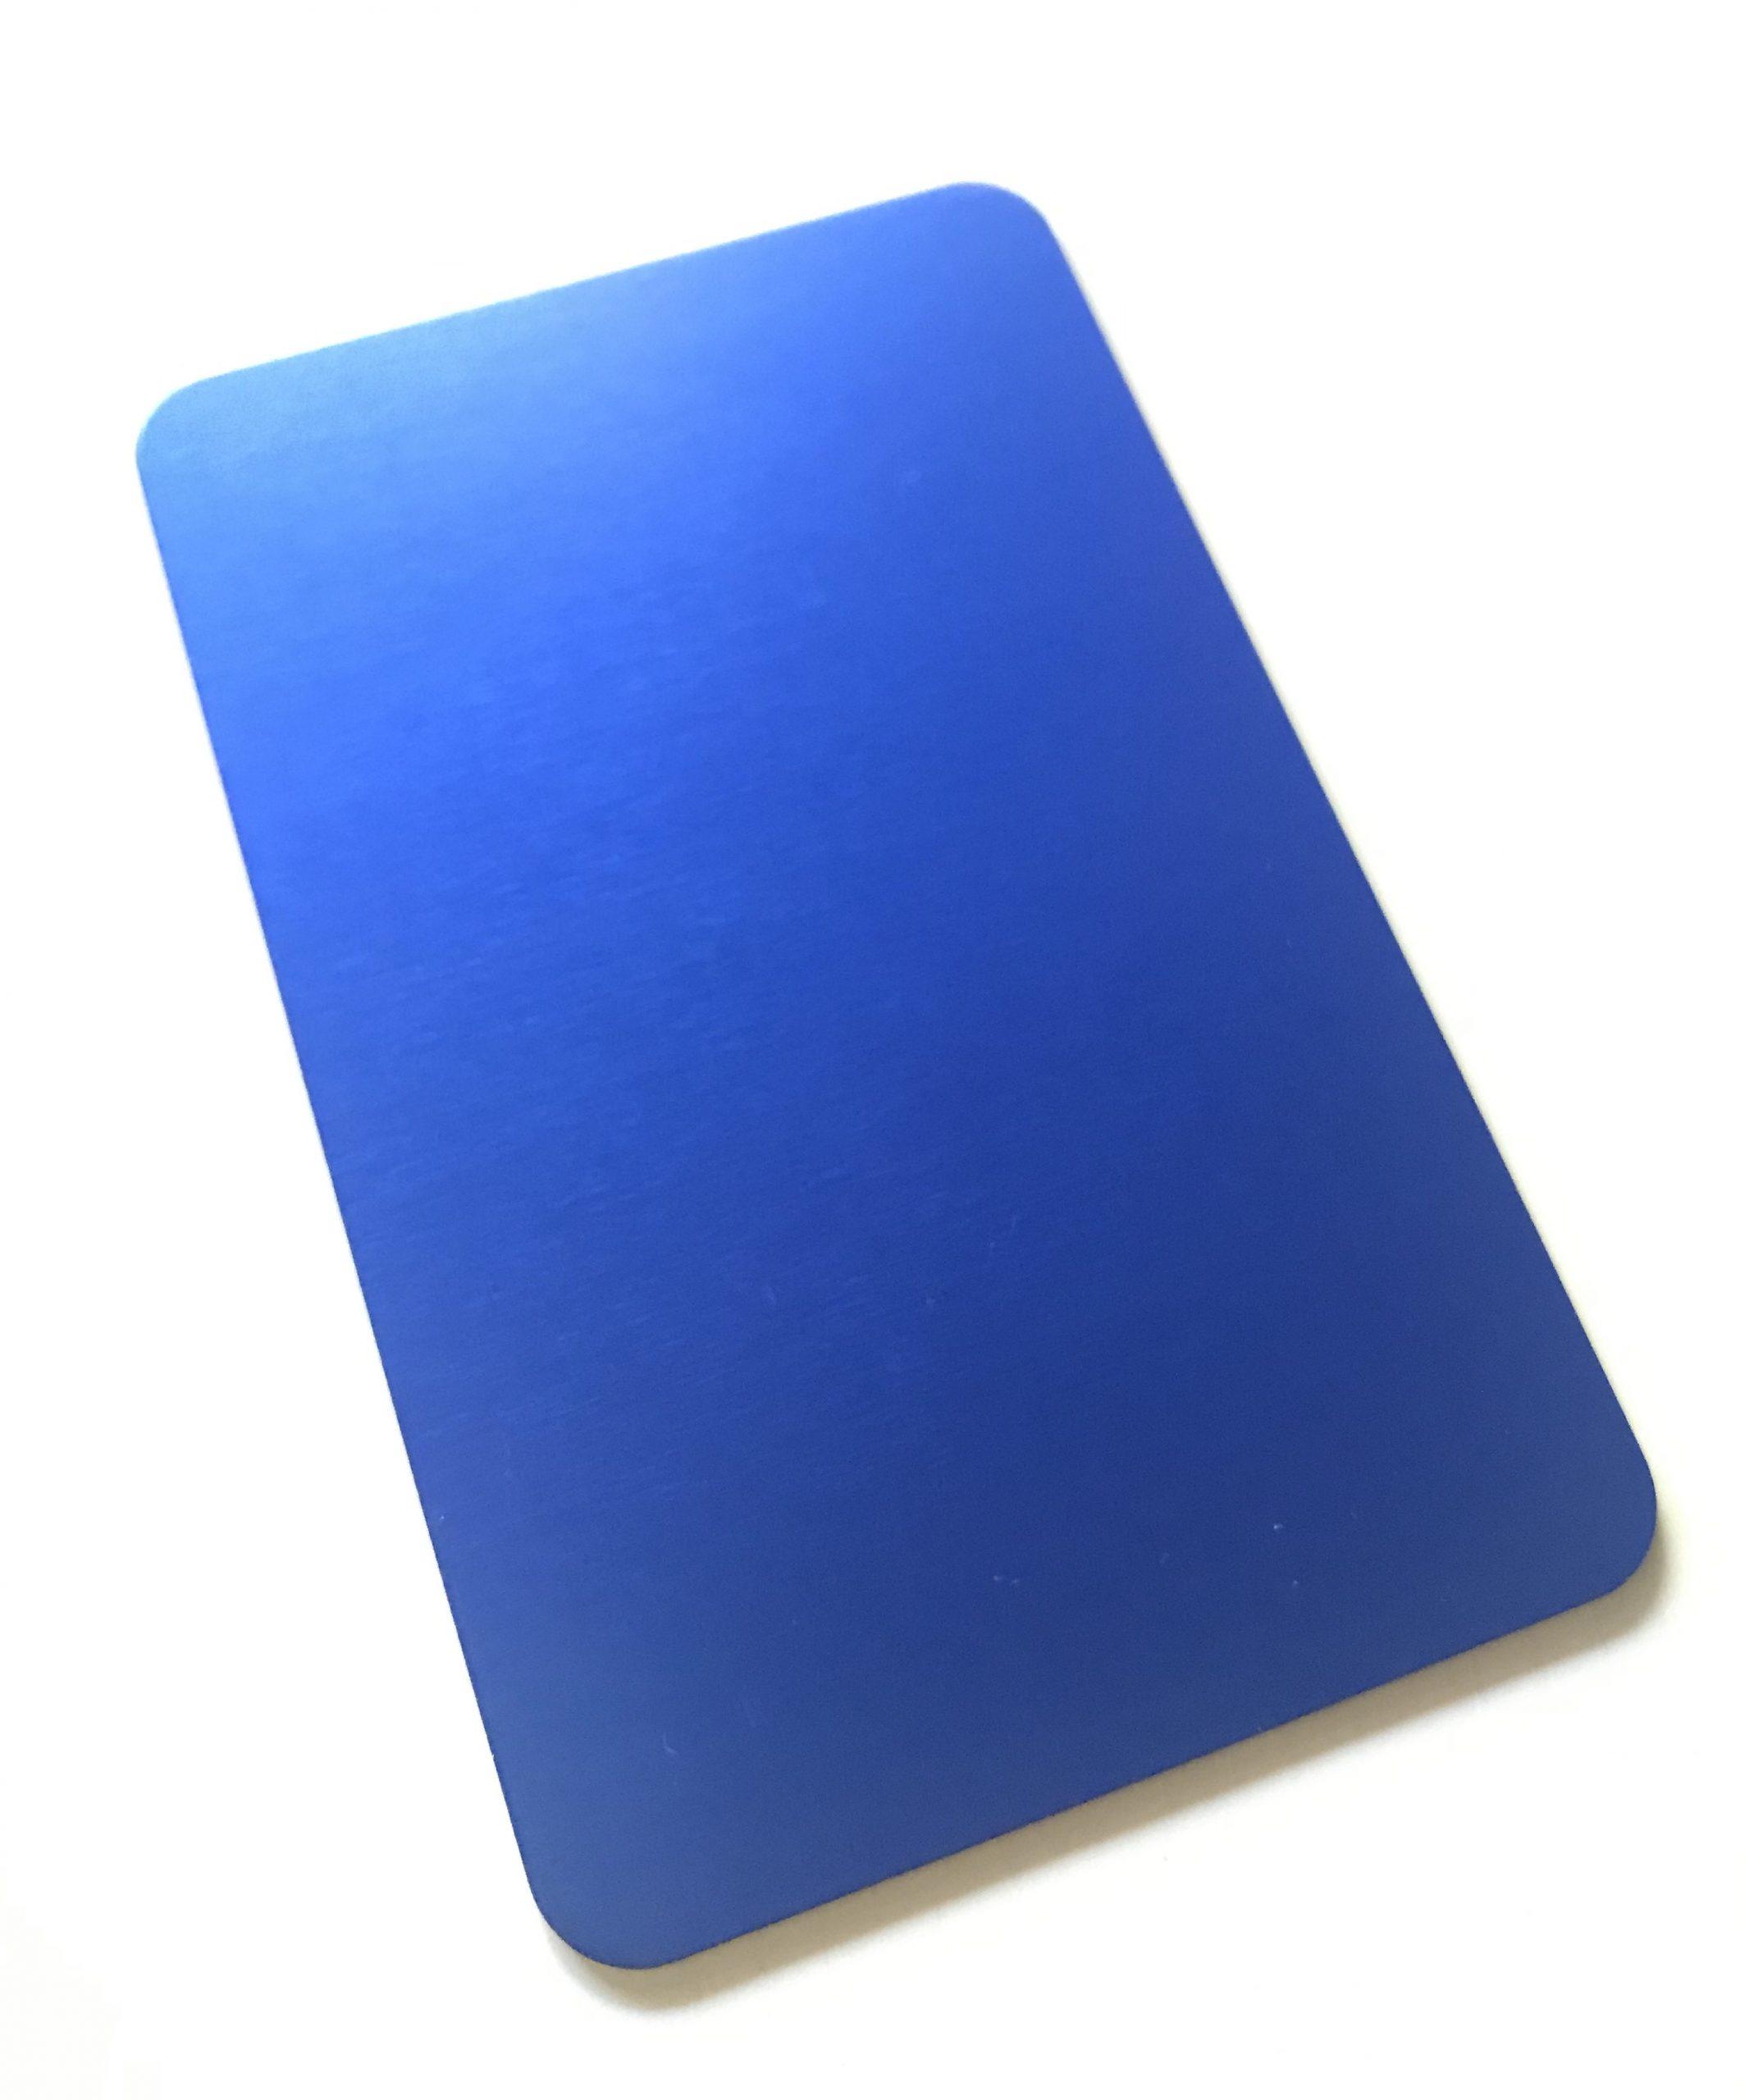 La plaque d'énergie bleue